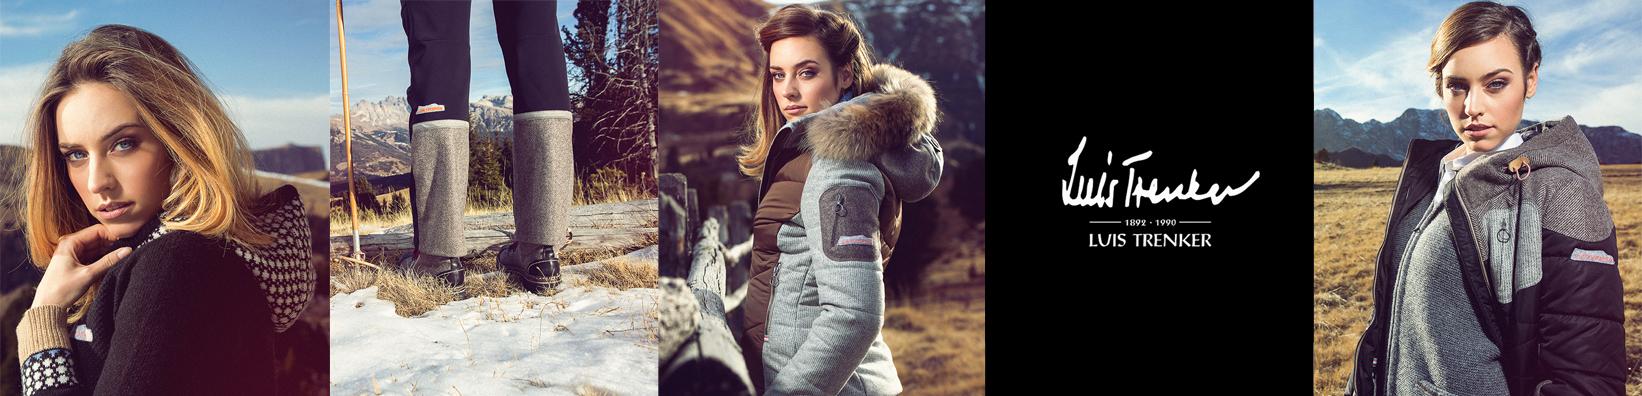 Luis Trenker Womens Ski Wear